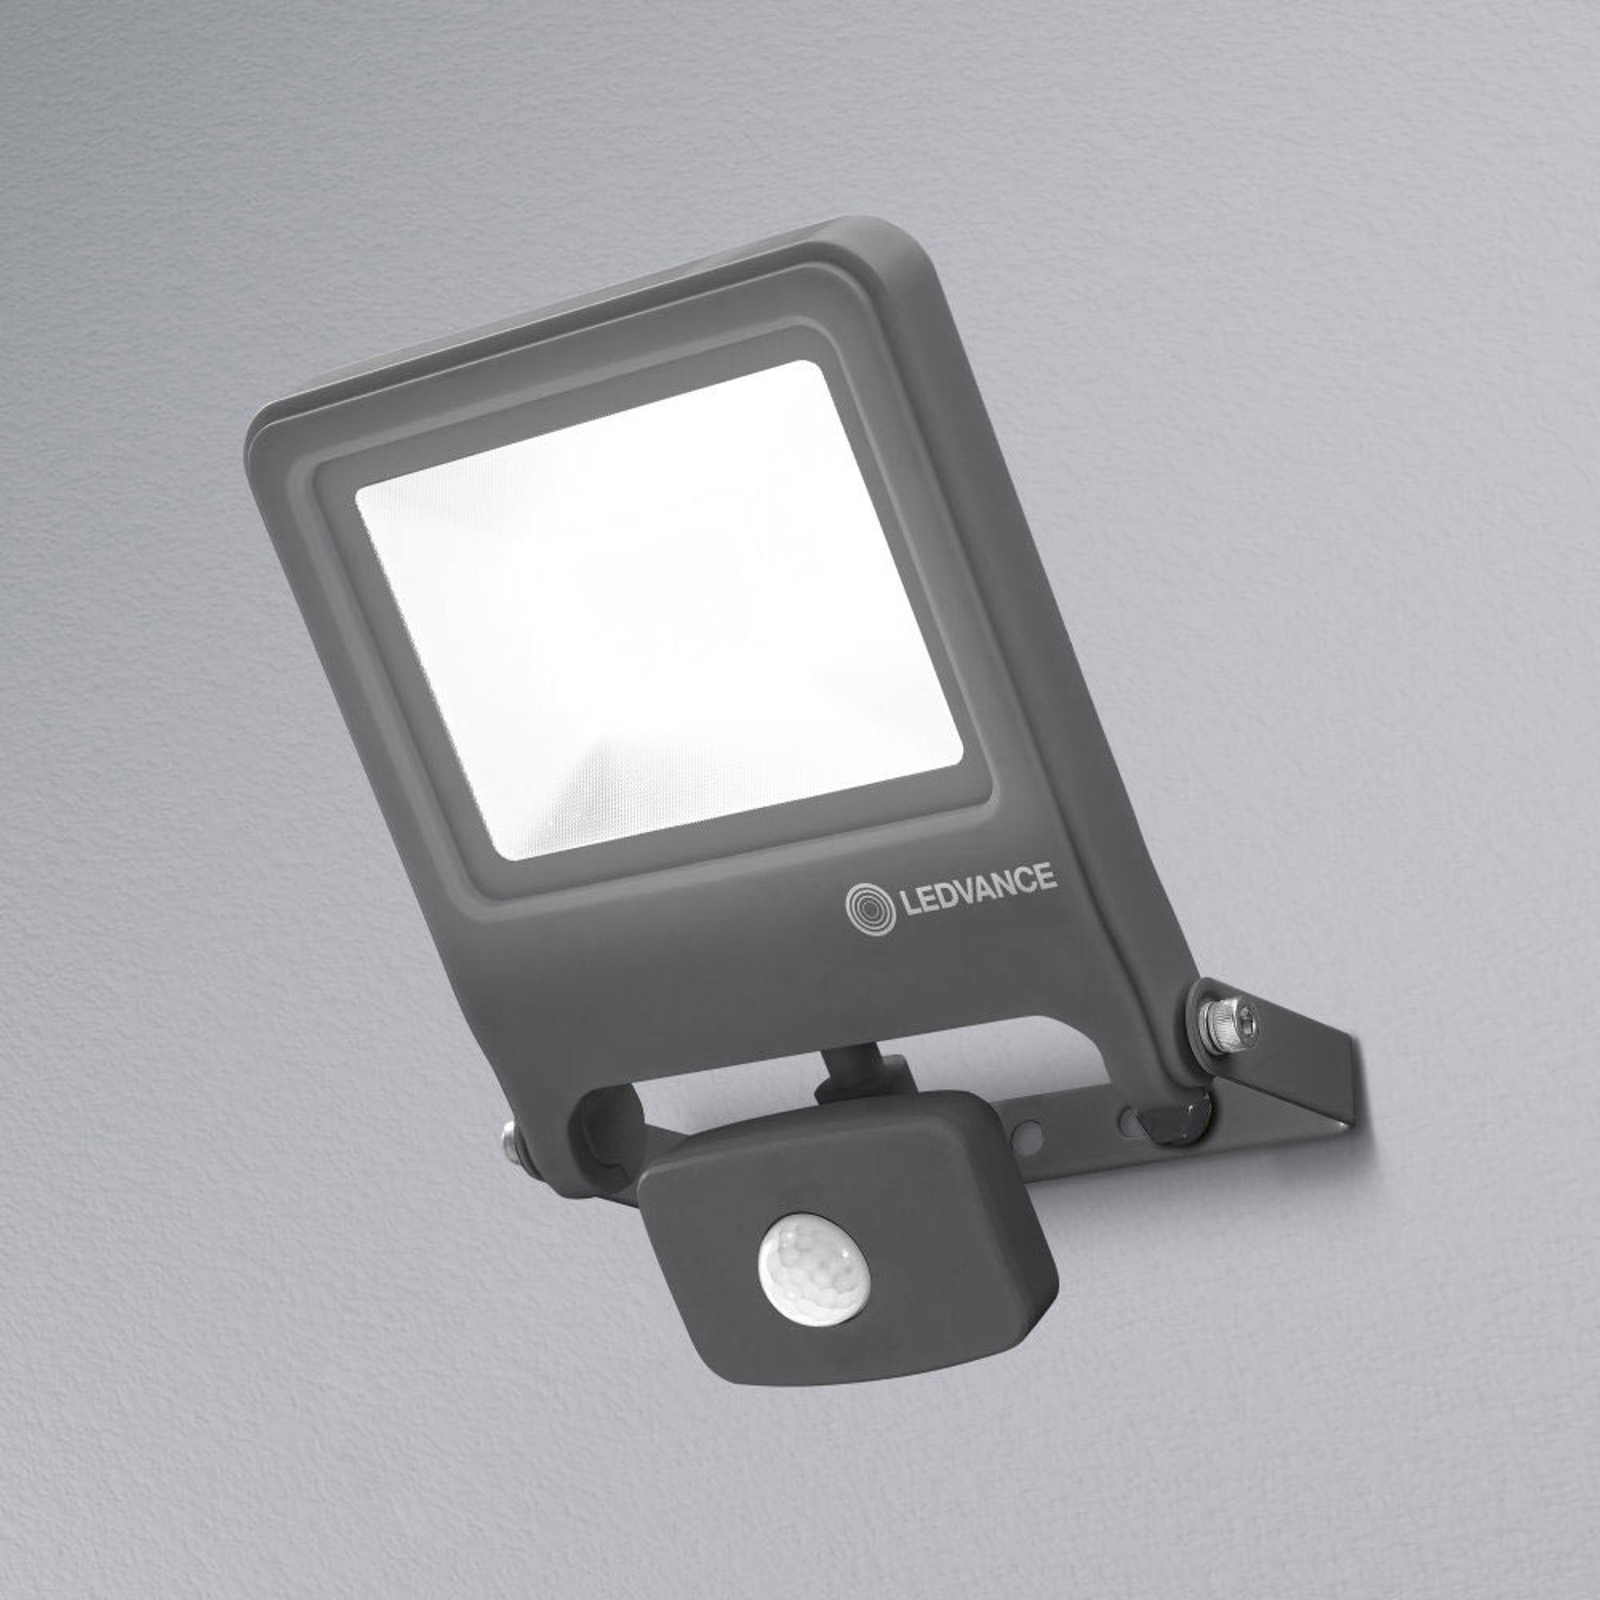 LEDVANCE Endura Floodlight sensor LED-spotti 30W